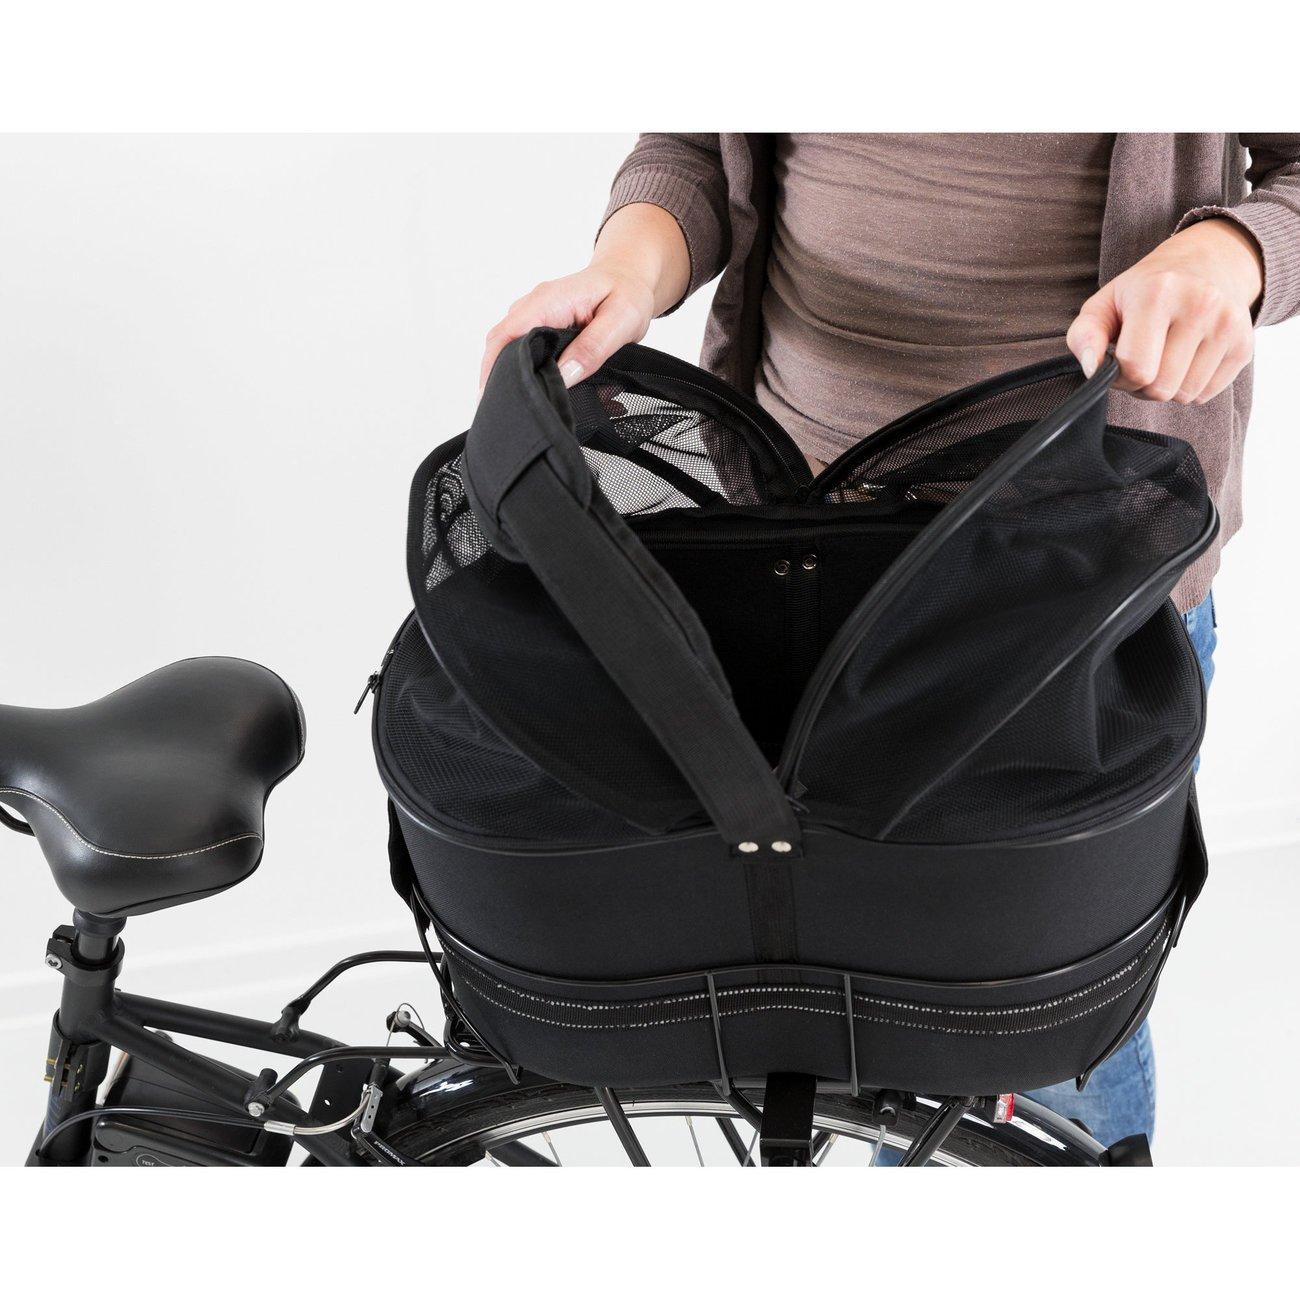 Fahrradtasche mit Metallrahmen für breite Gepäckträger Bild 18